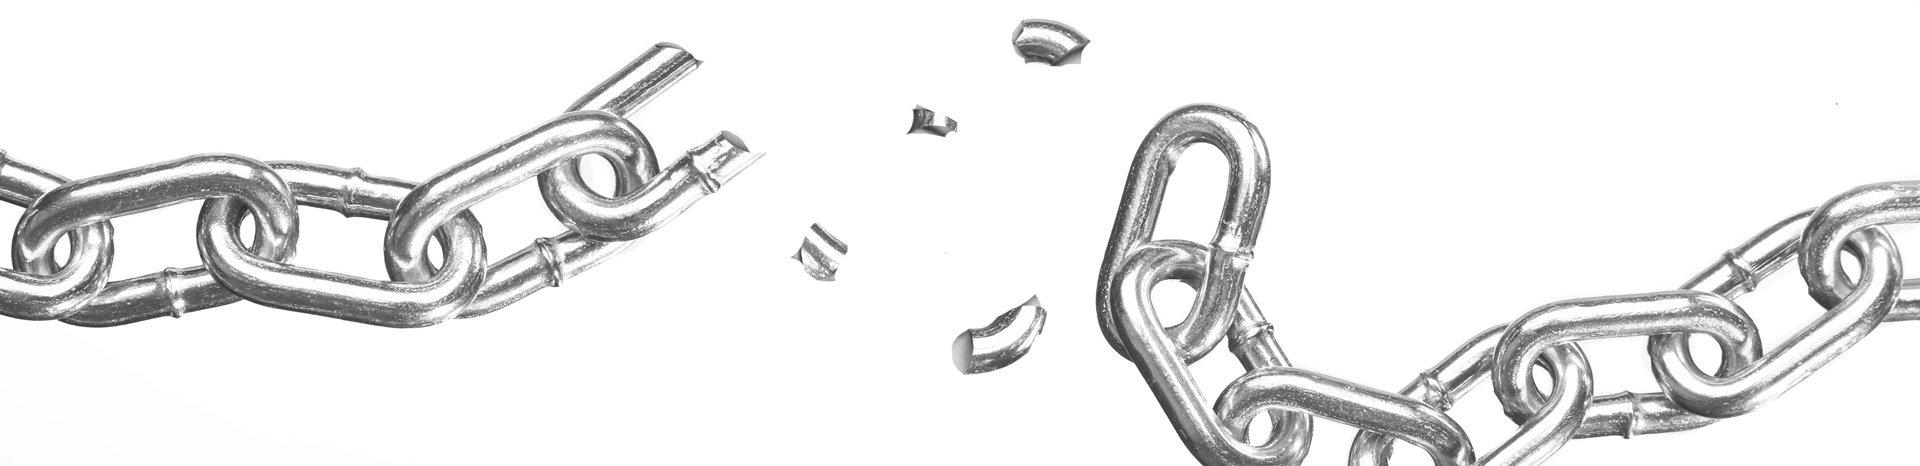 Productaansprakelijkheid bij gebrekkig product | LetselPro